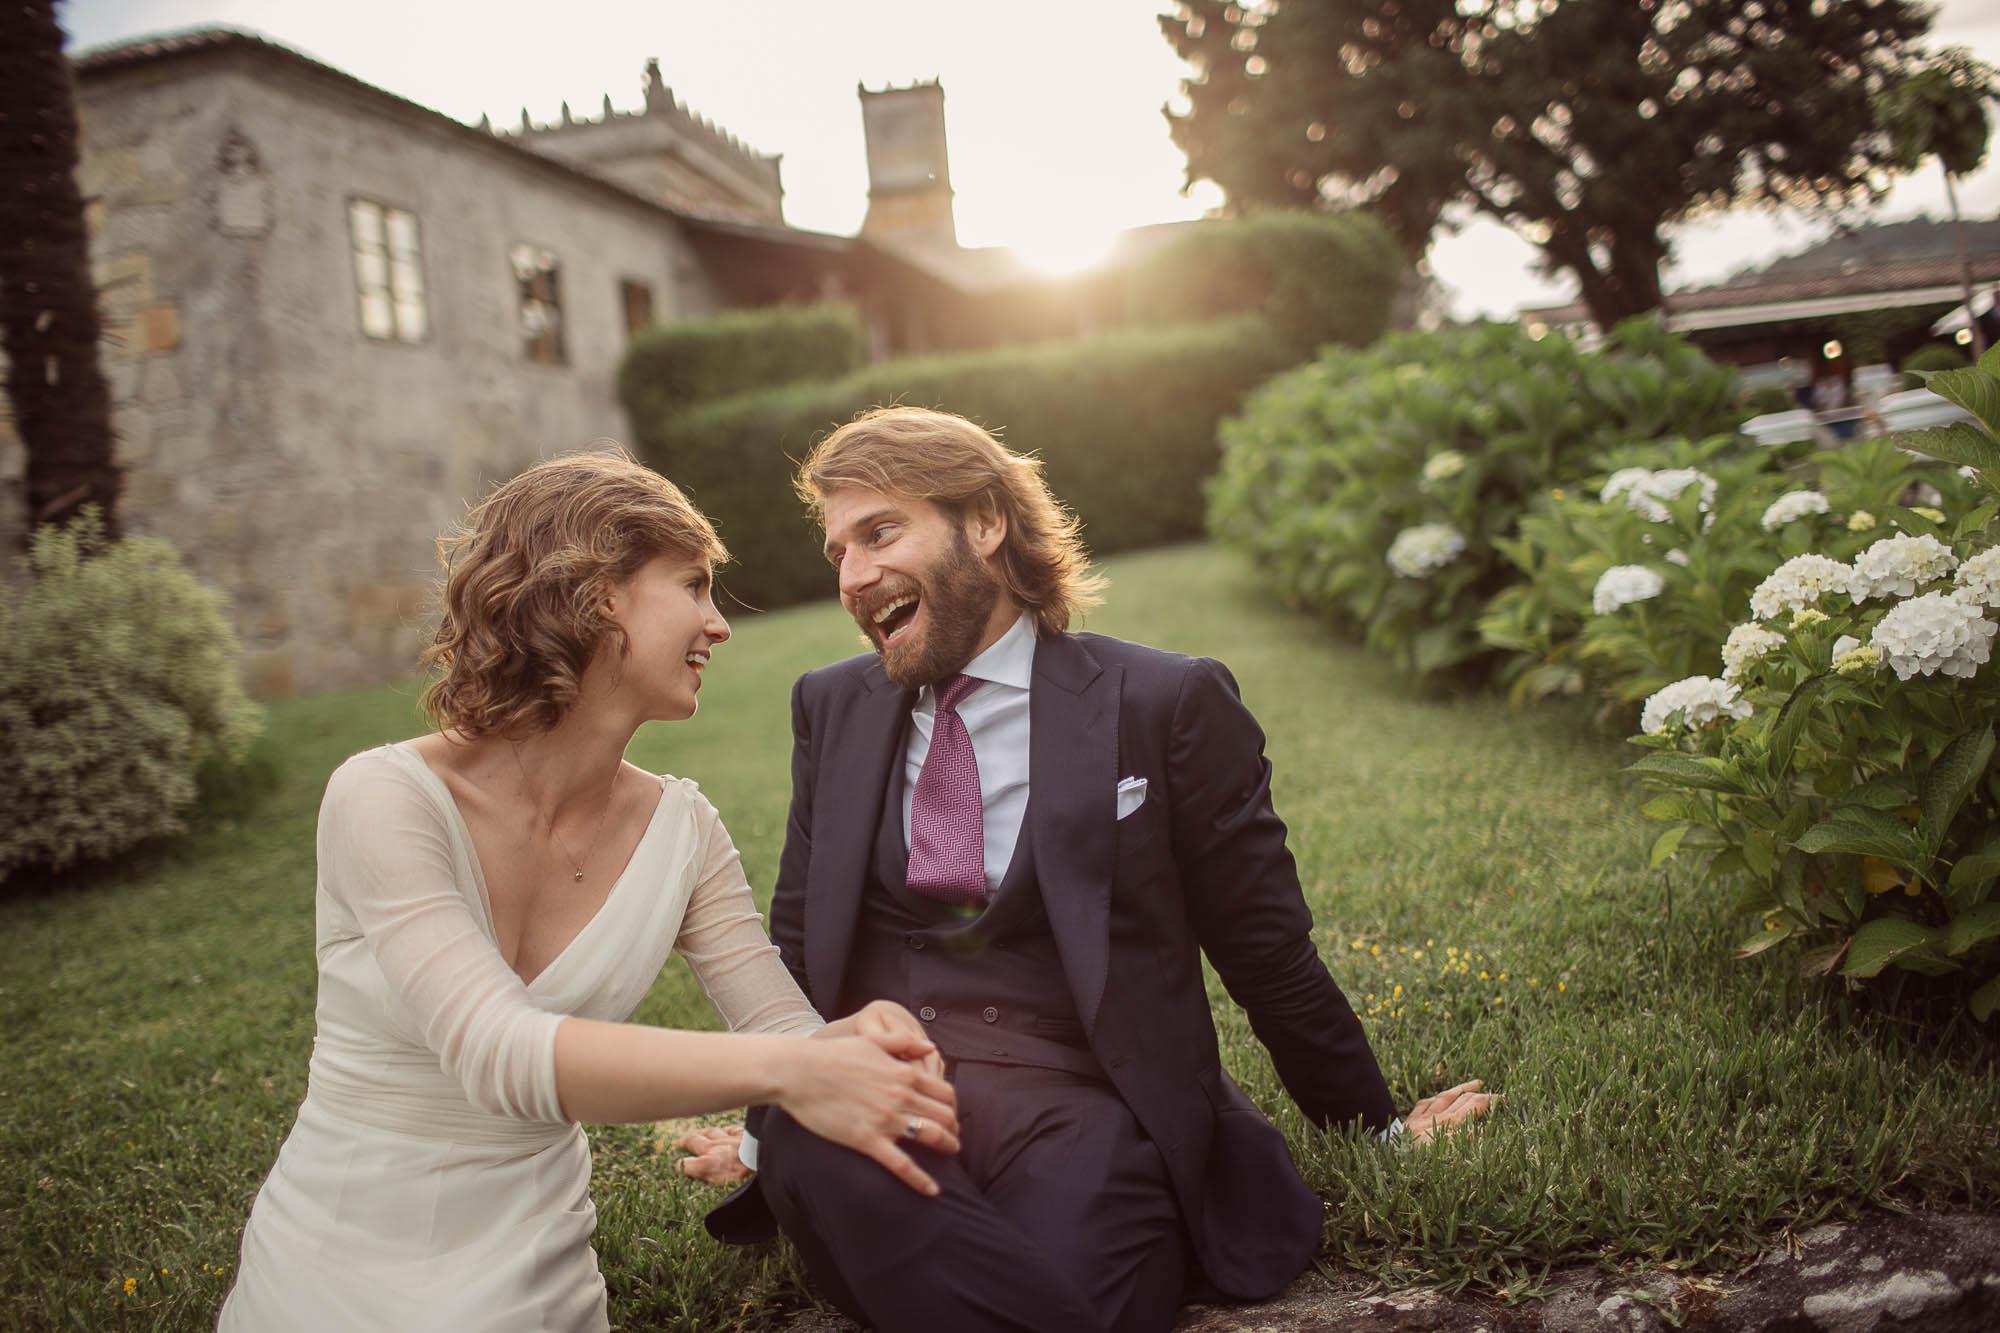 Marido y mujer sentados en el jardín conversando y riendo